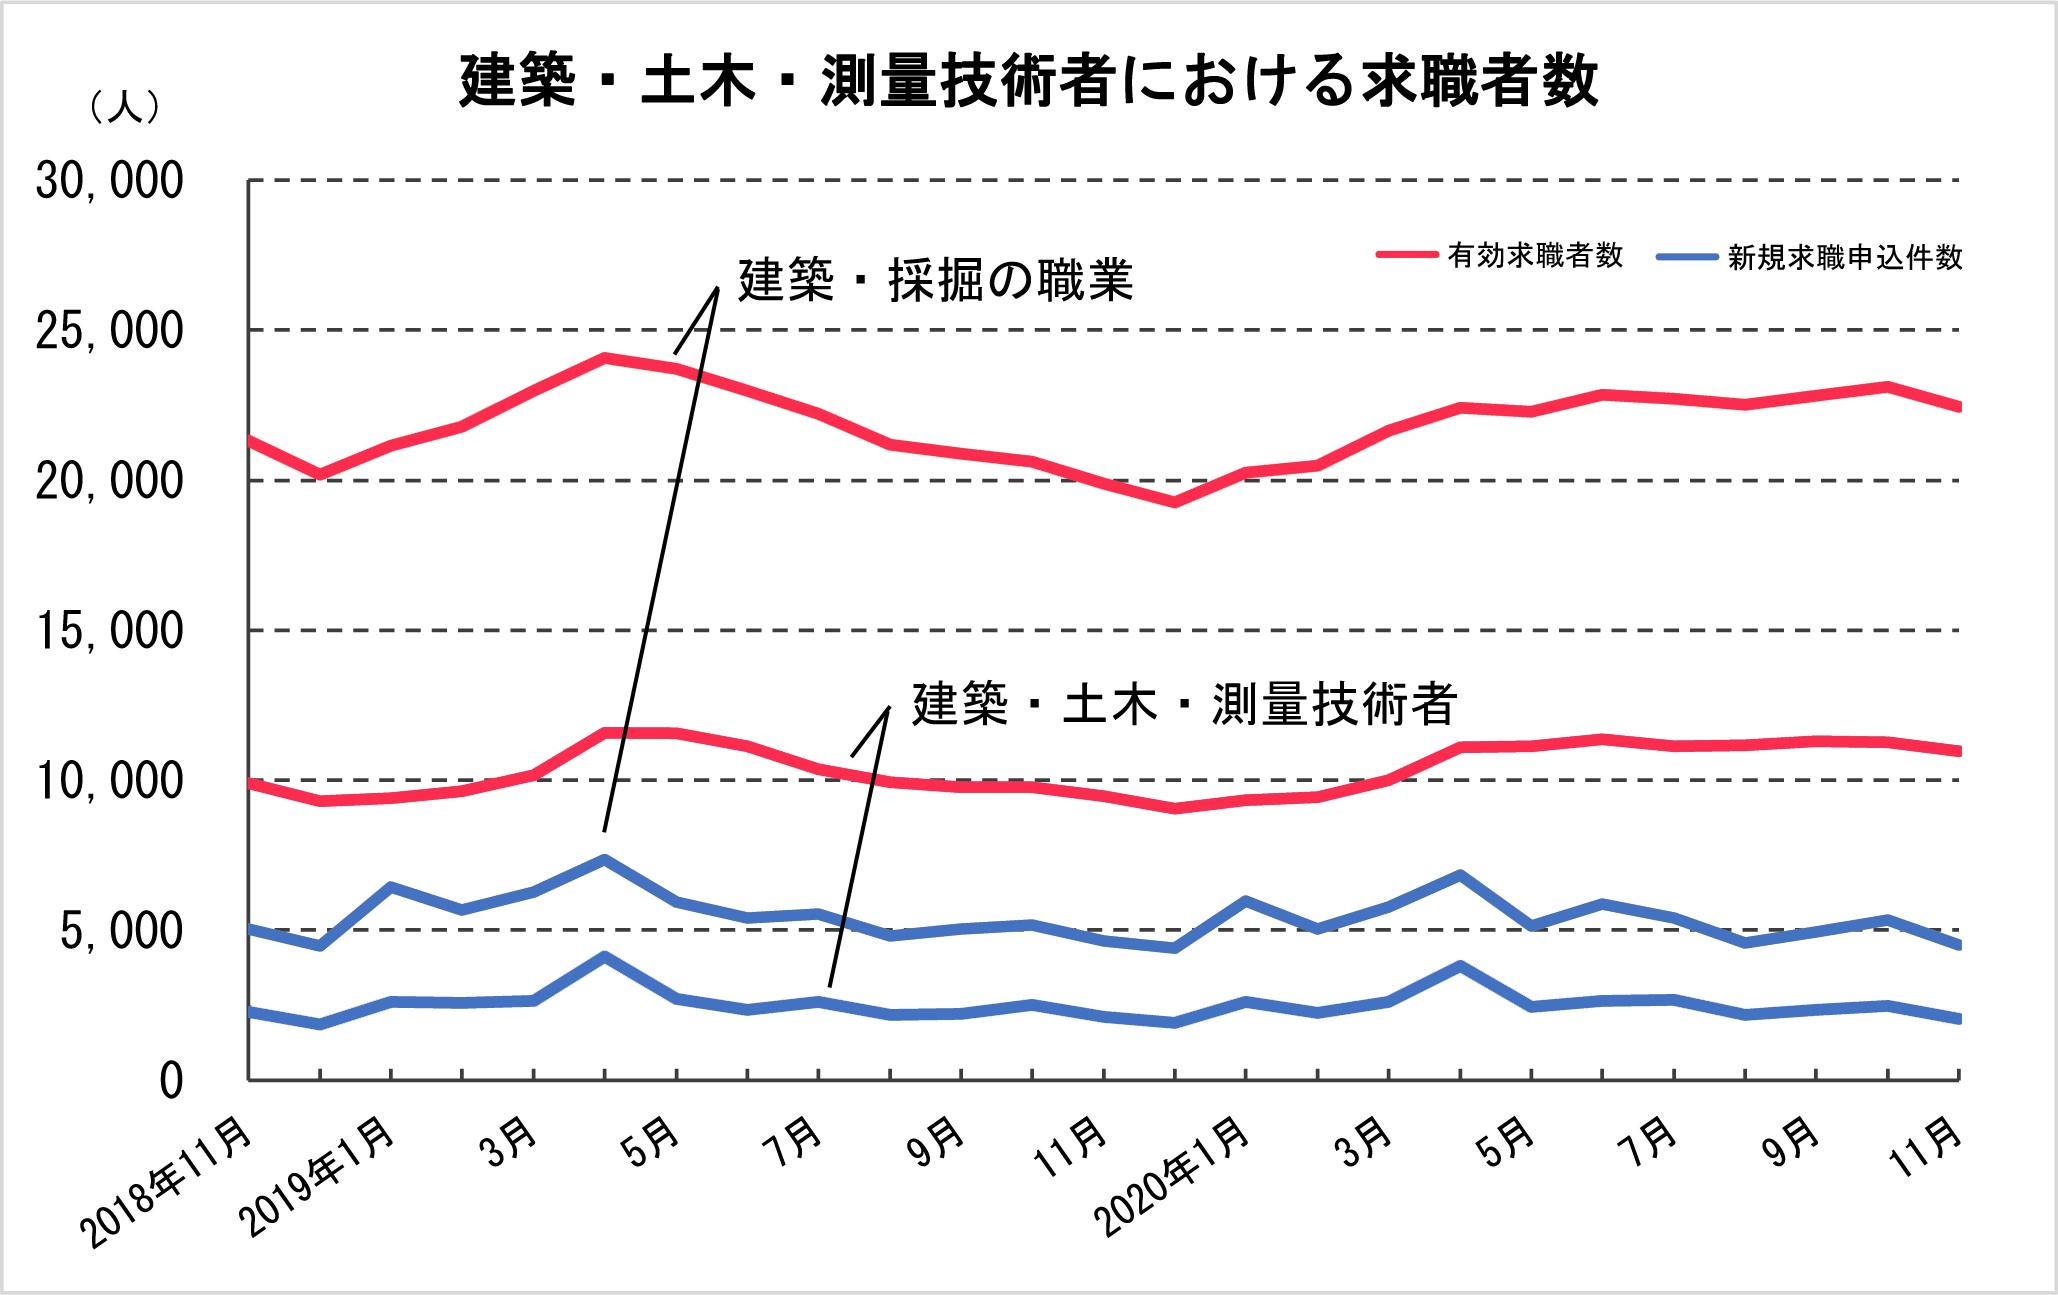 ④-2 建築・土木・測量技術者における求職者数